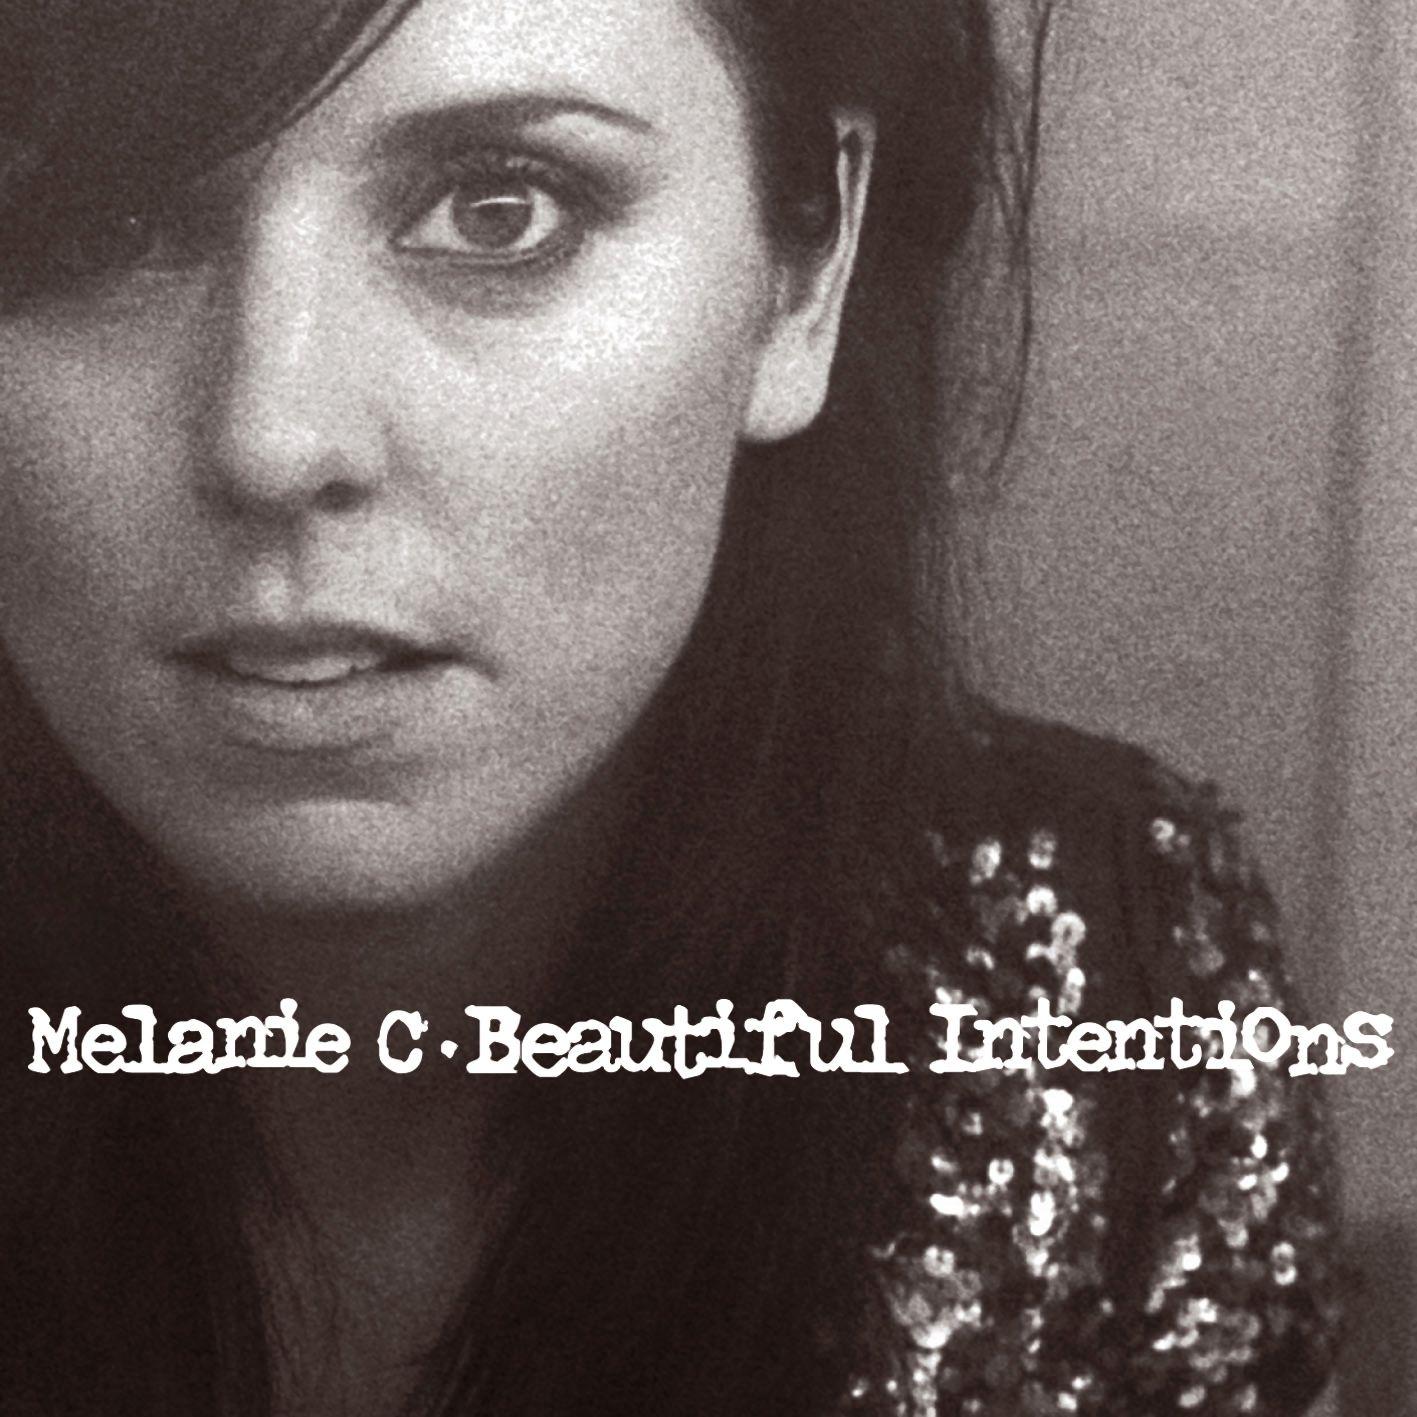 Melanie C - Beautiful Intentions album cover